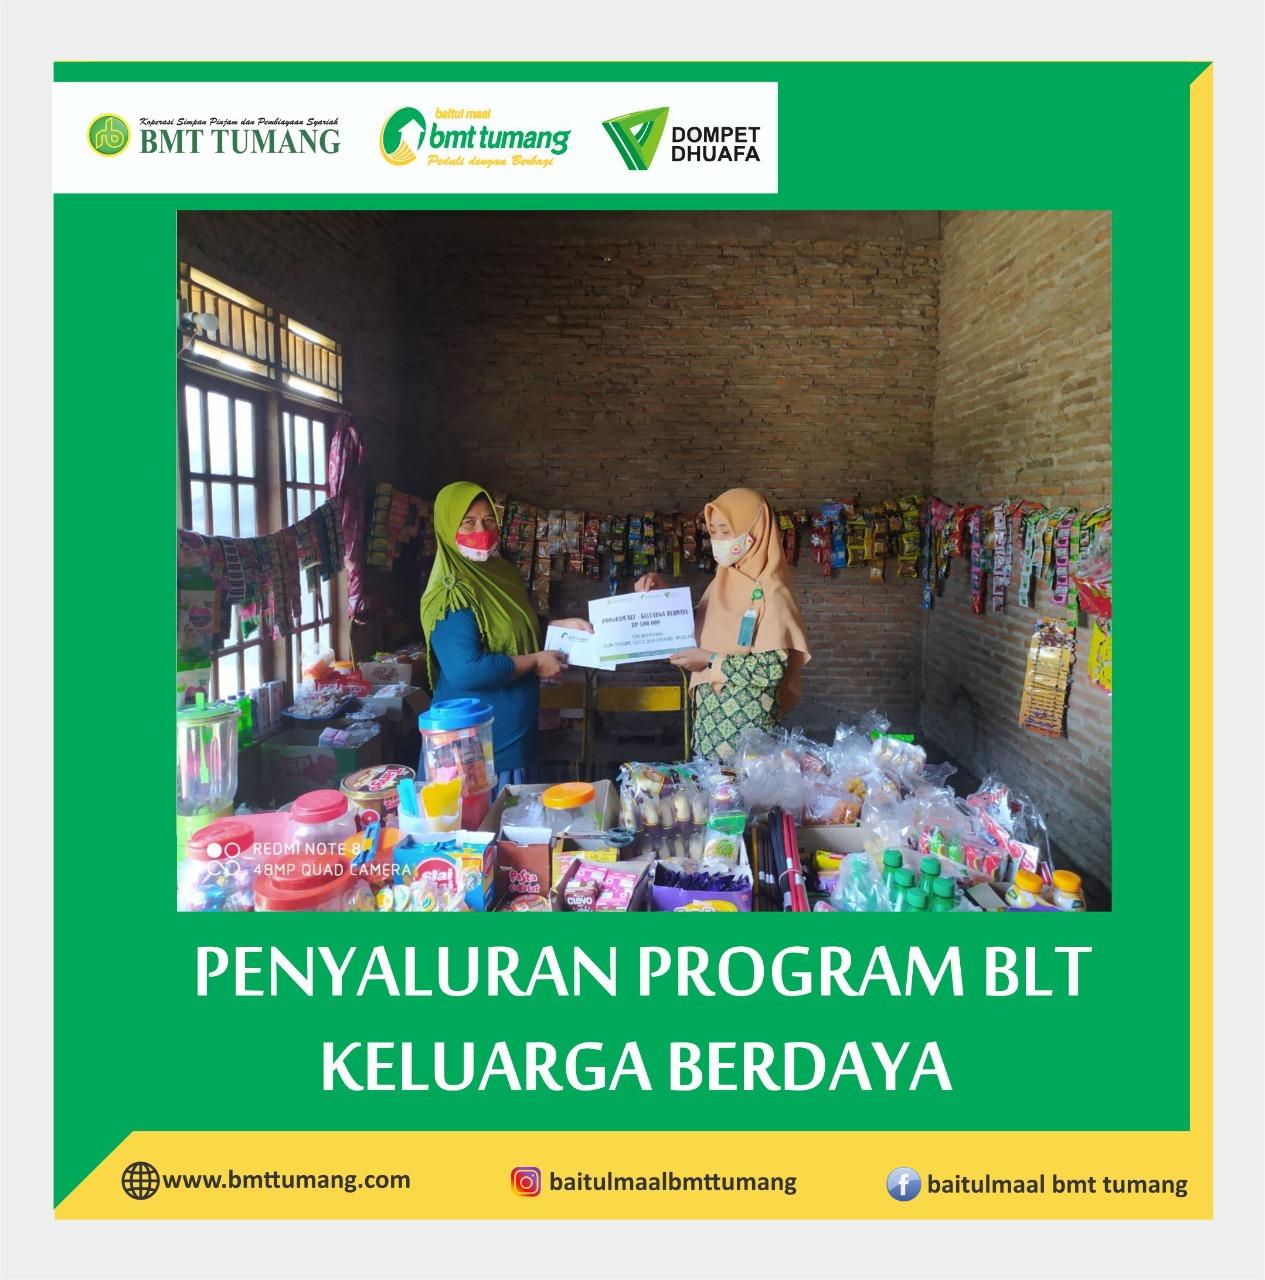 Baitul Maal BMT TUMANG Gulirkan Bantuan Langsung Tunai (BLT)  untuk keluarga Yatim